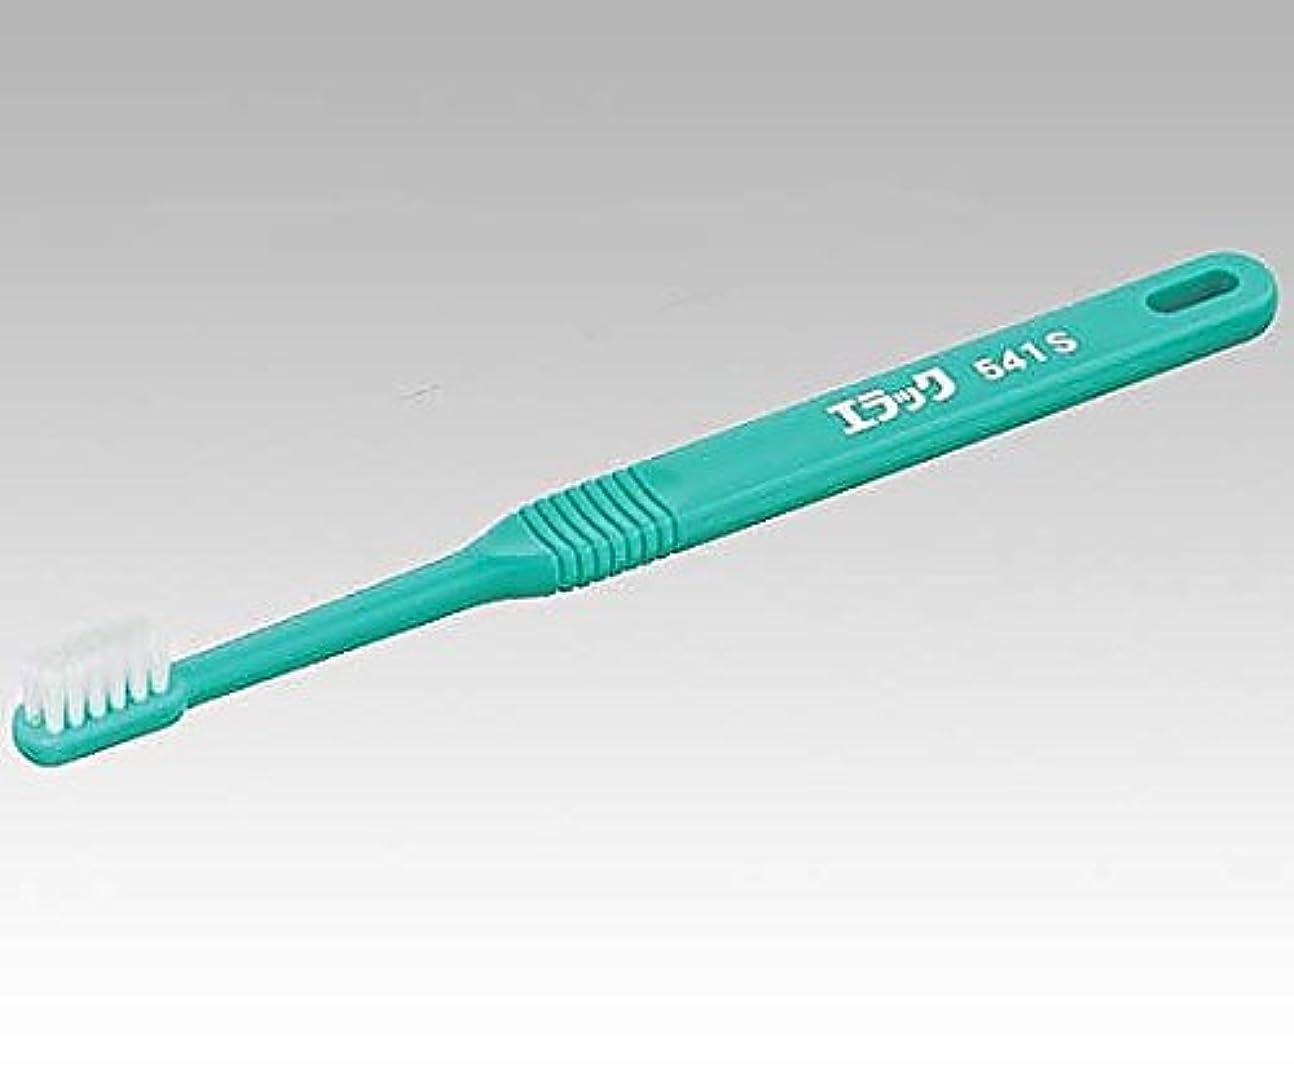 クラックポット荒れ地一元化するライオン8-7892-13介助用歯ブラシ(ソフト/20箱入)